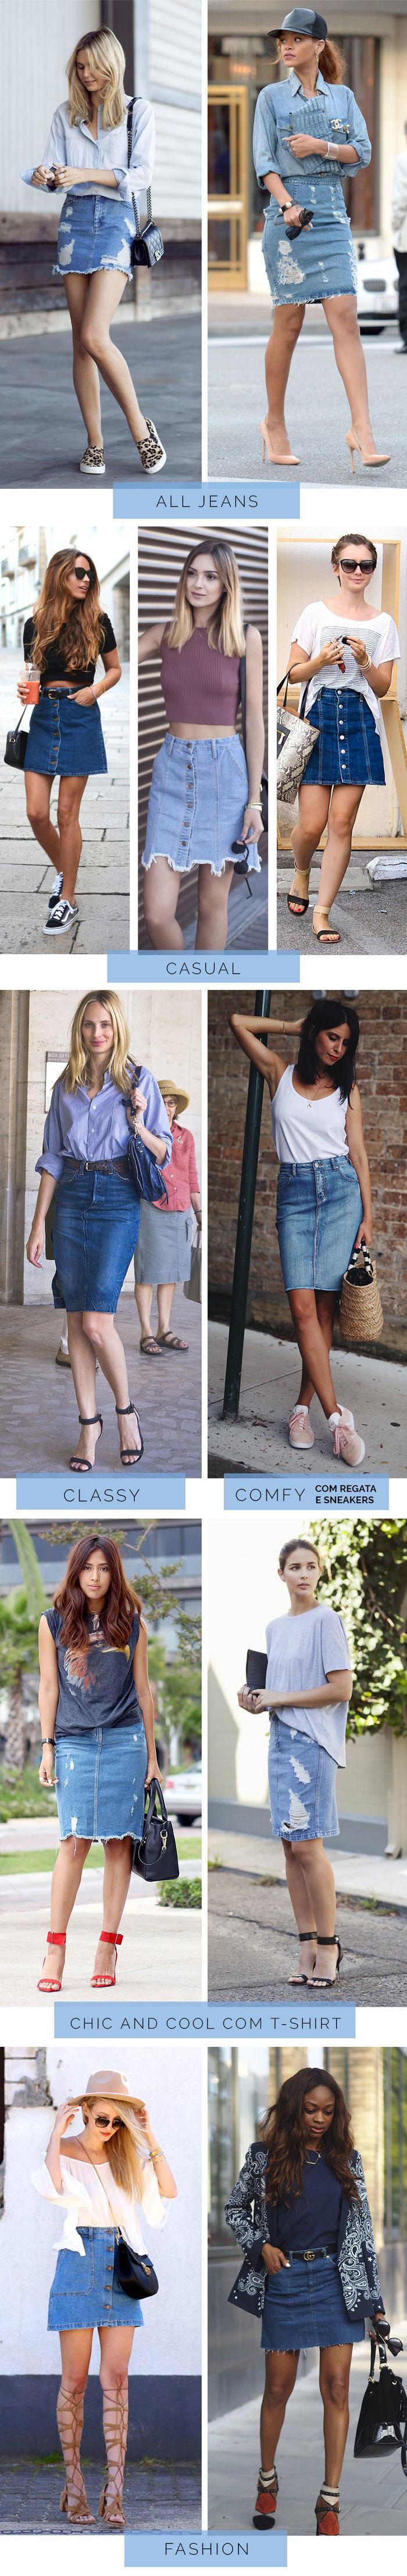 11 Looks com Saia Jeans - Por Layla Monteiro